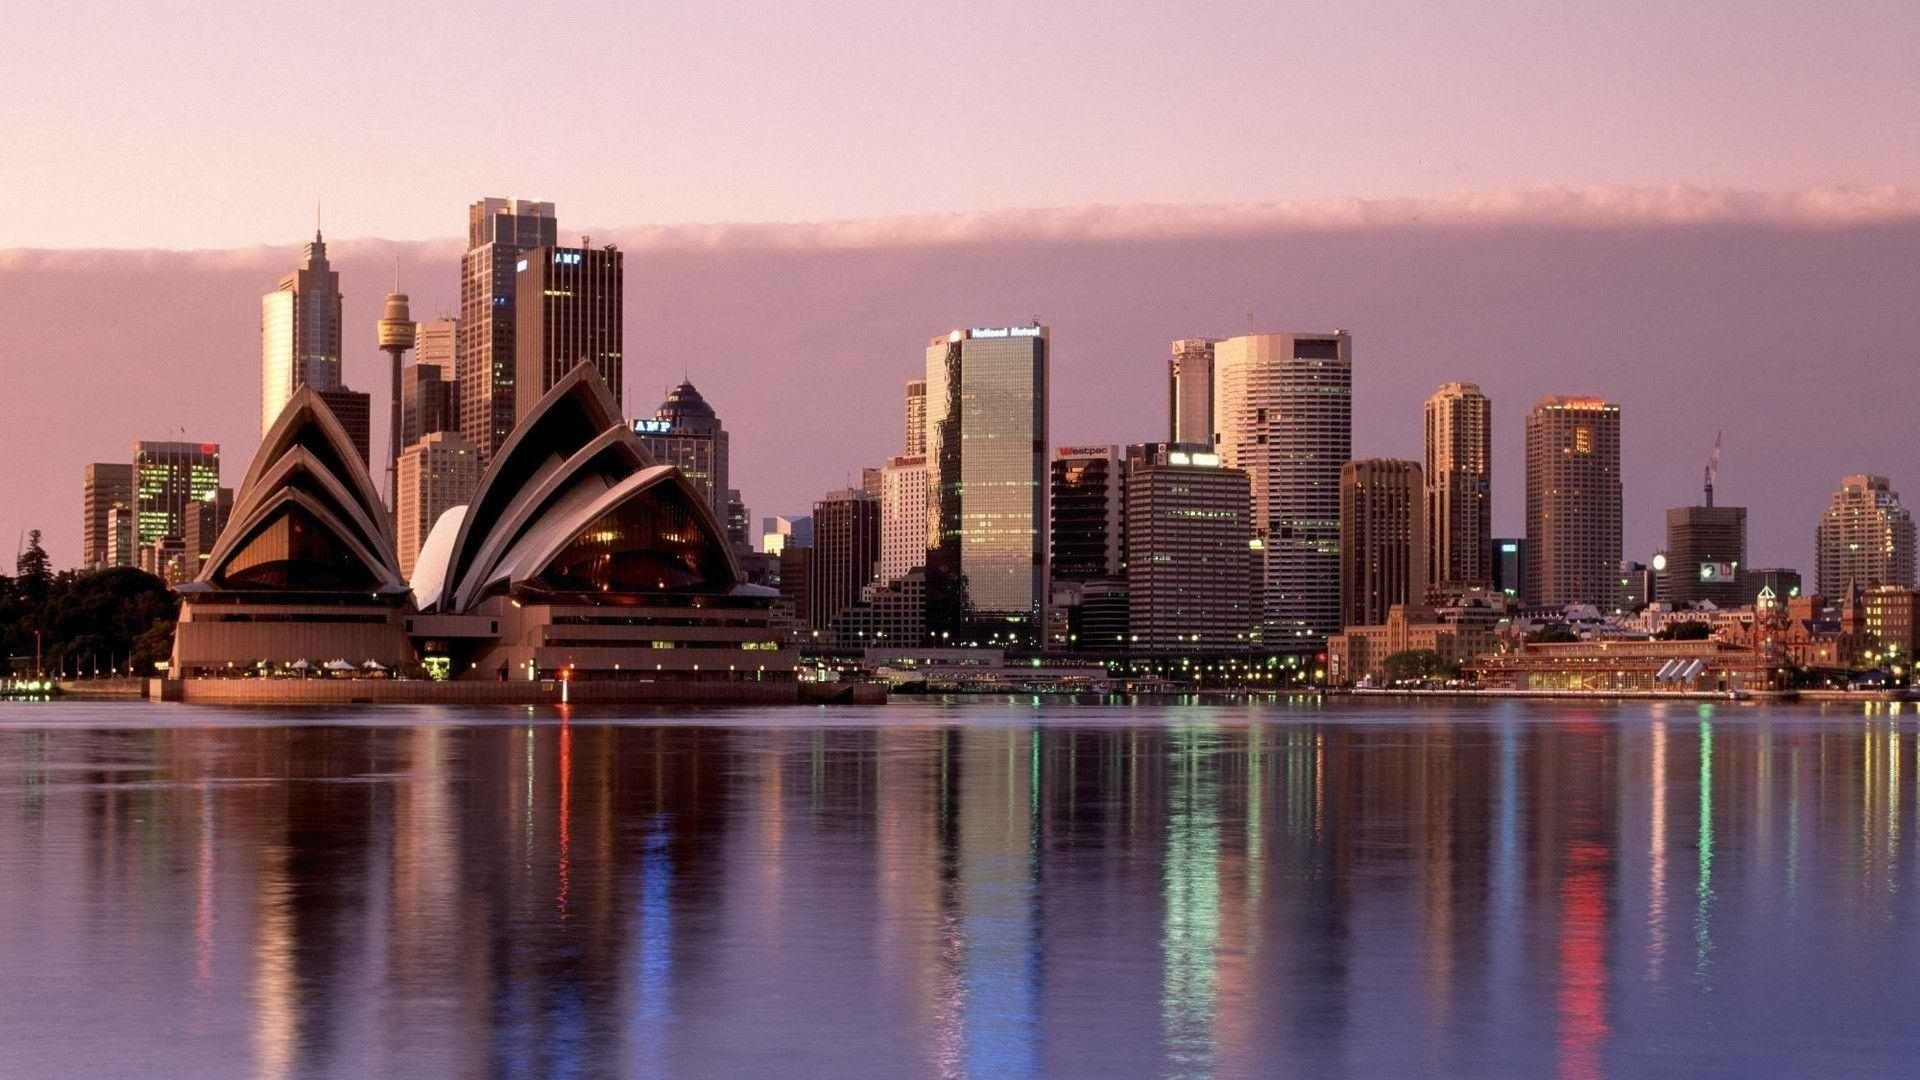 Skachat Oboi Na Rabochij Stol 1920h1080 Avstraliya Sidnej Opera